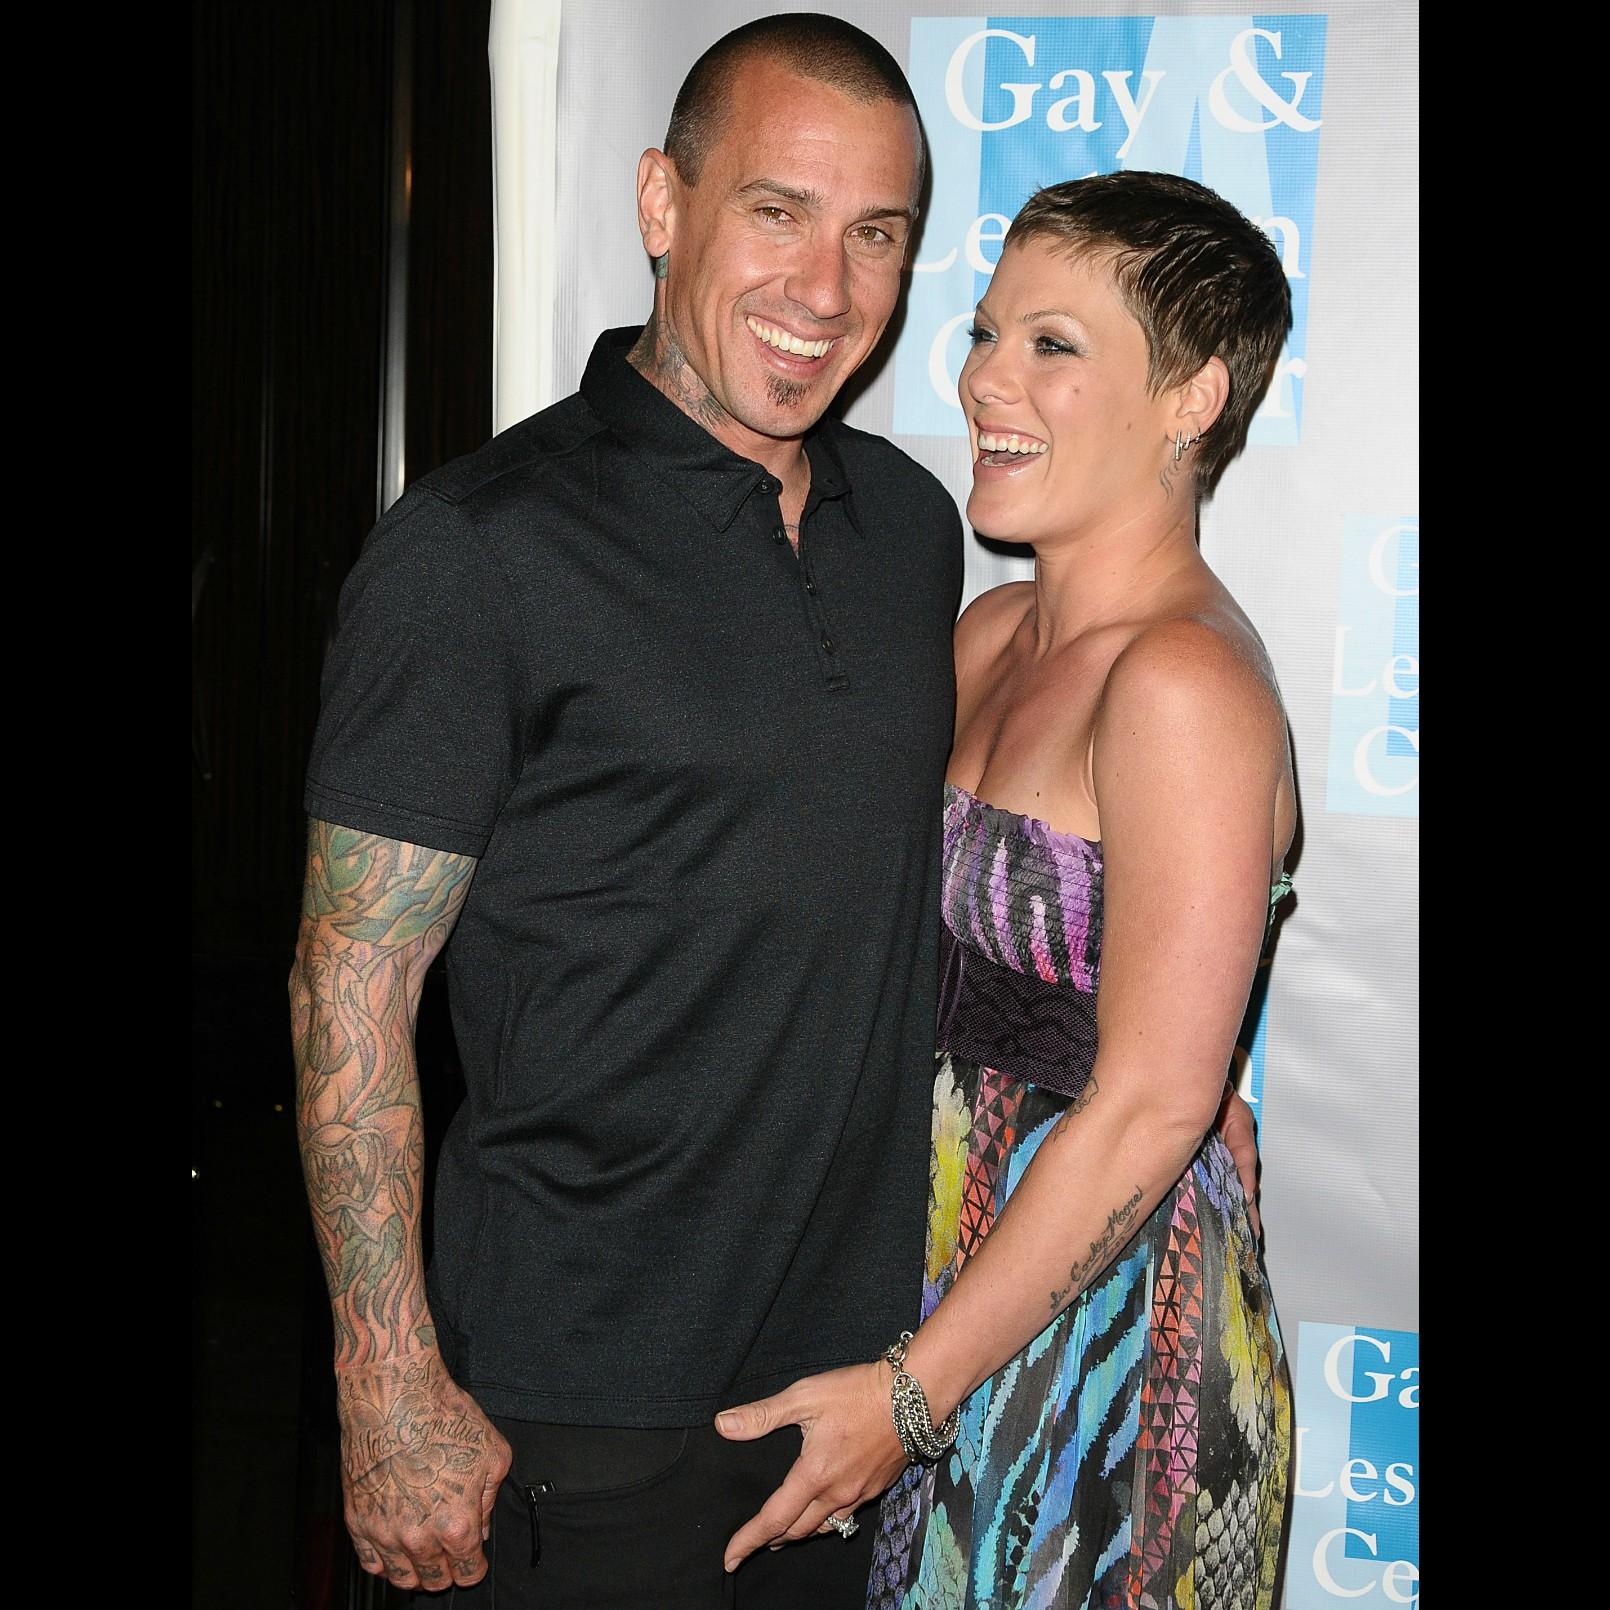 A cantora Pink e o marido, Carey Hart, em um evento pelos direitos das lésbicas em Beverly Hills, Califórnia, em maio de 2010. (Foto: Getty Images)